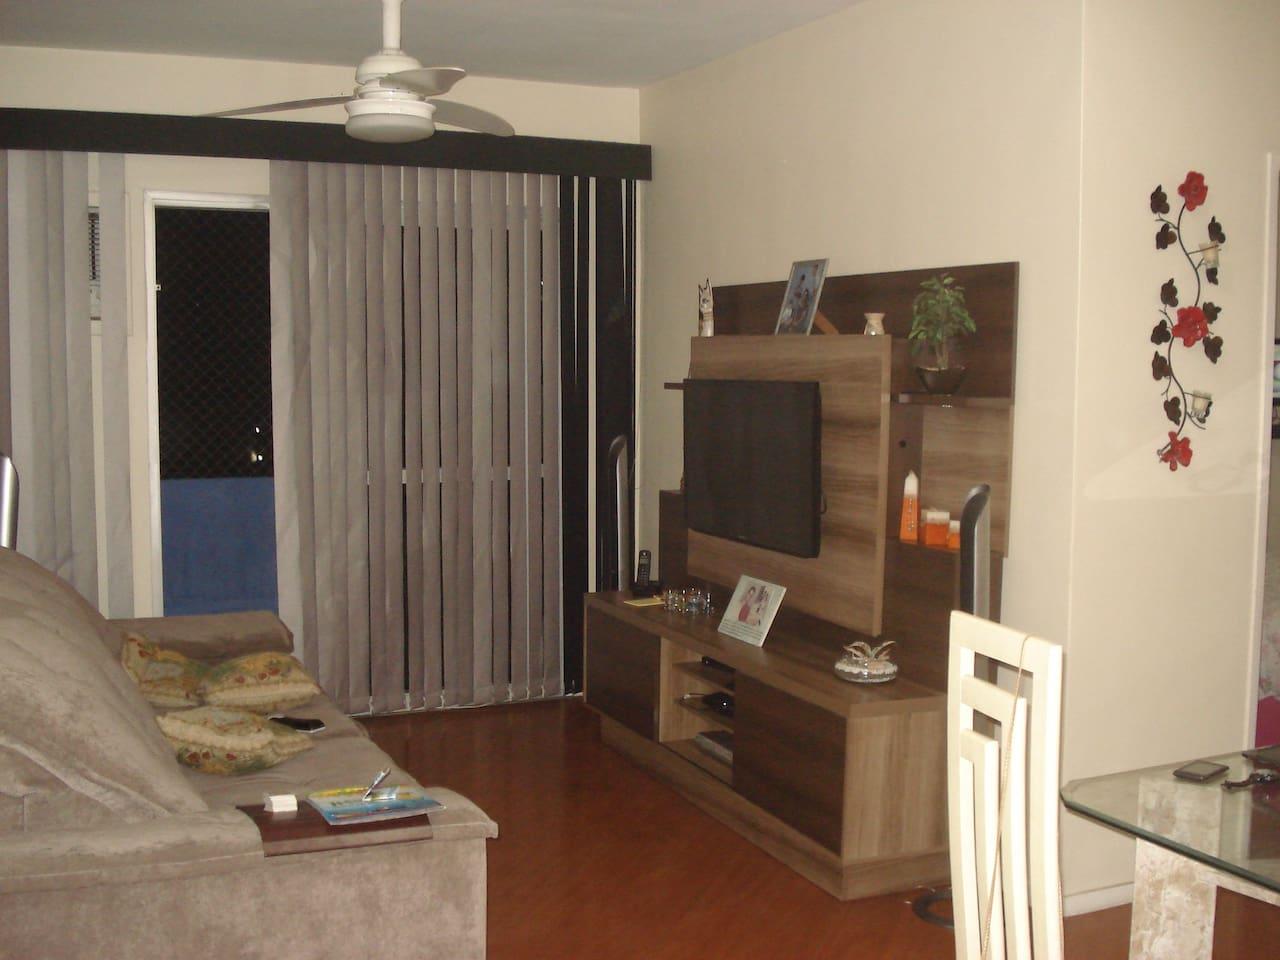 Sala, com varanda, ventilador de teto e ar condicionado